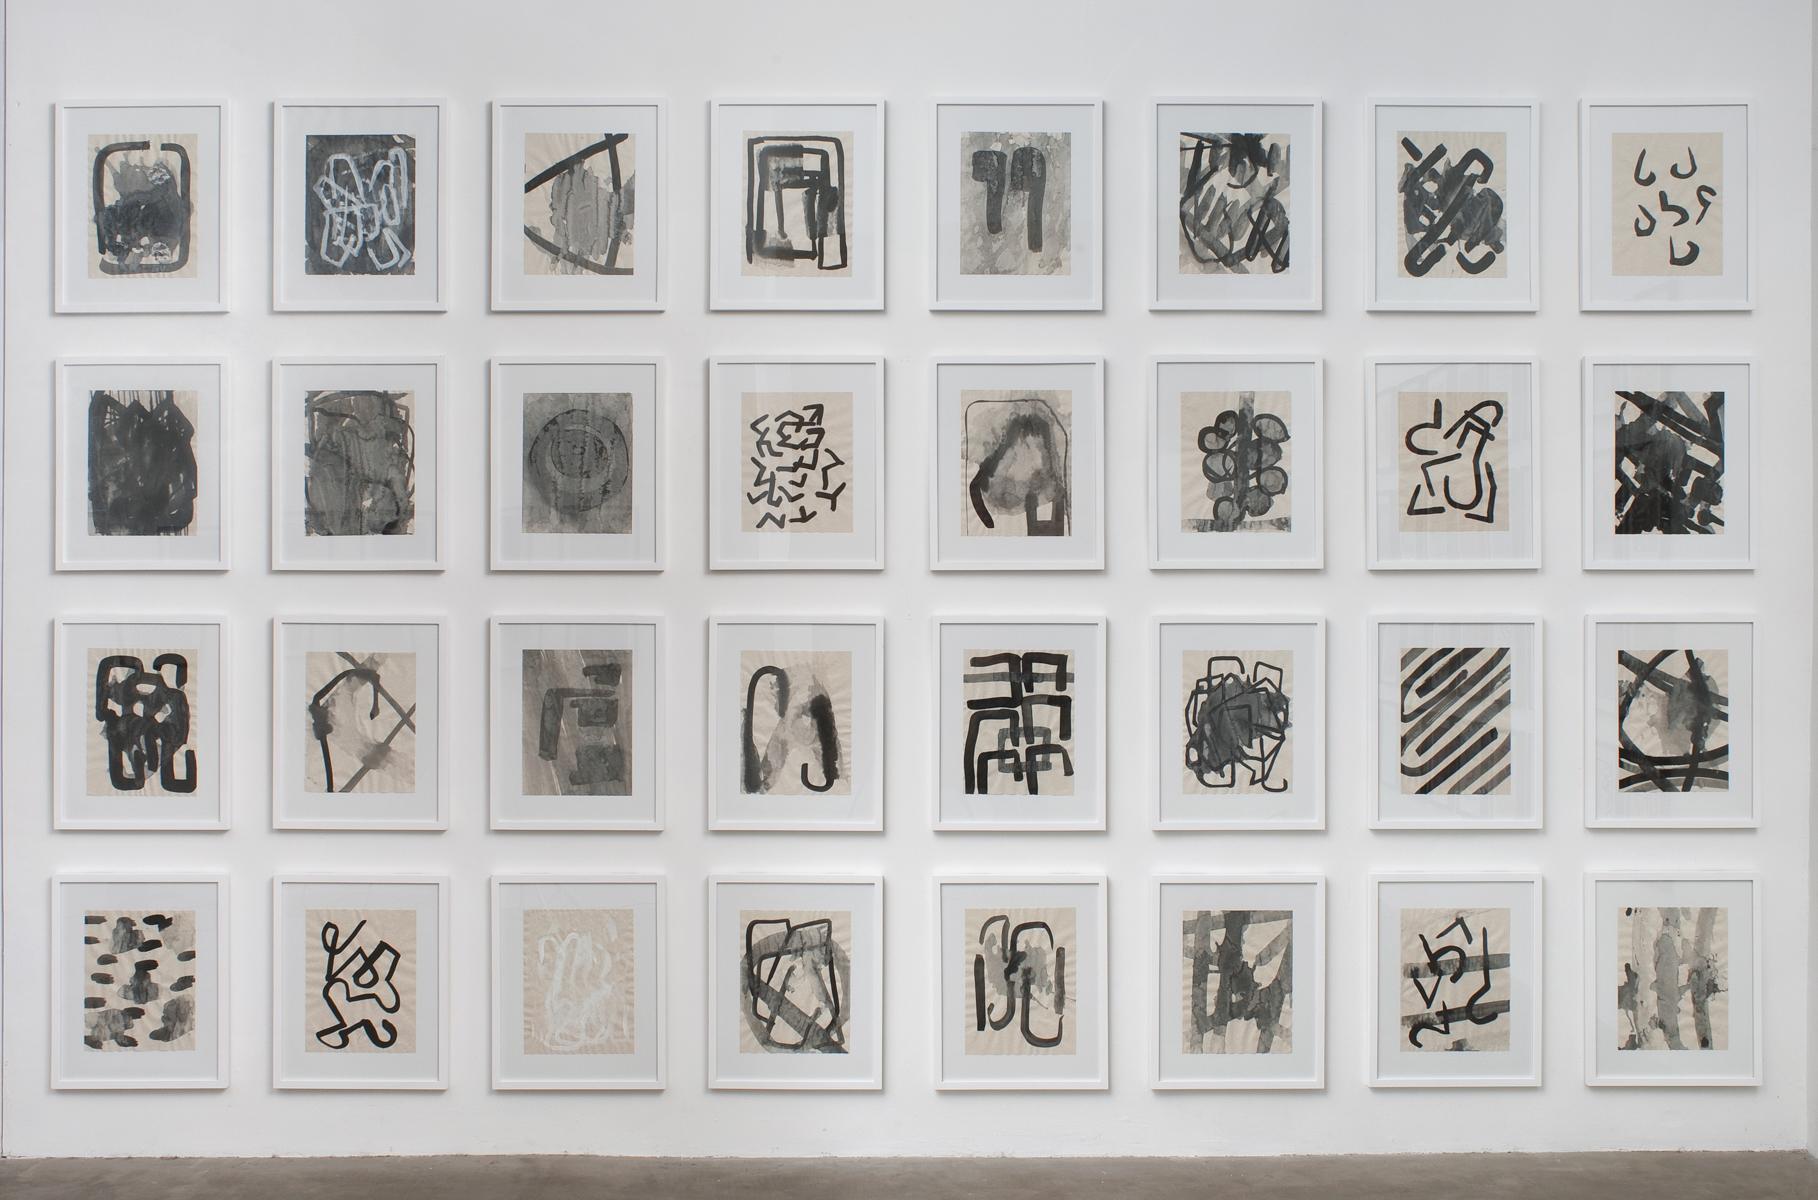 32 framed drawings